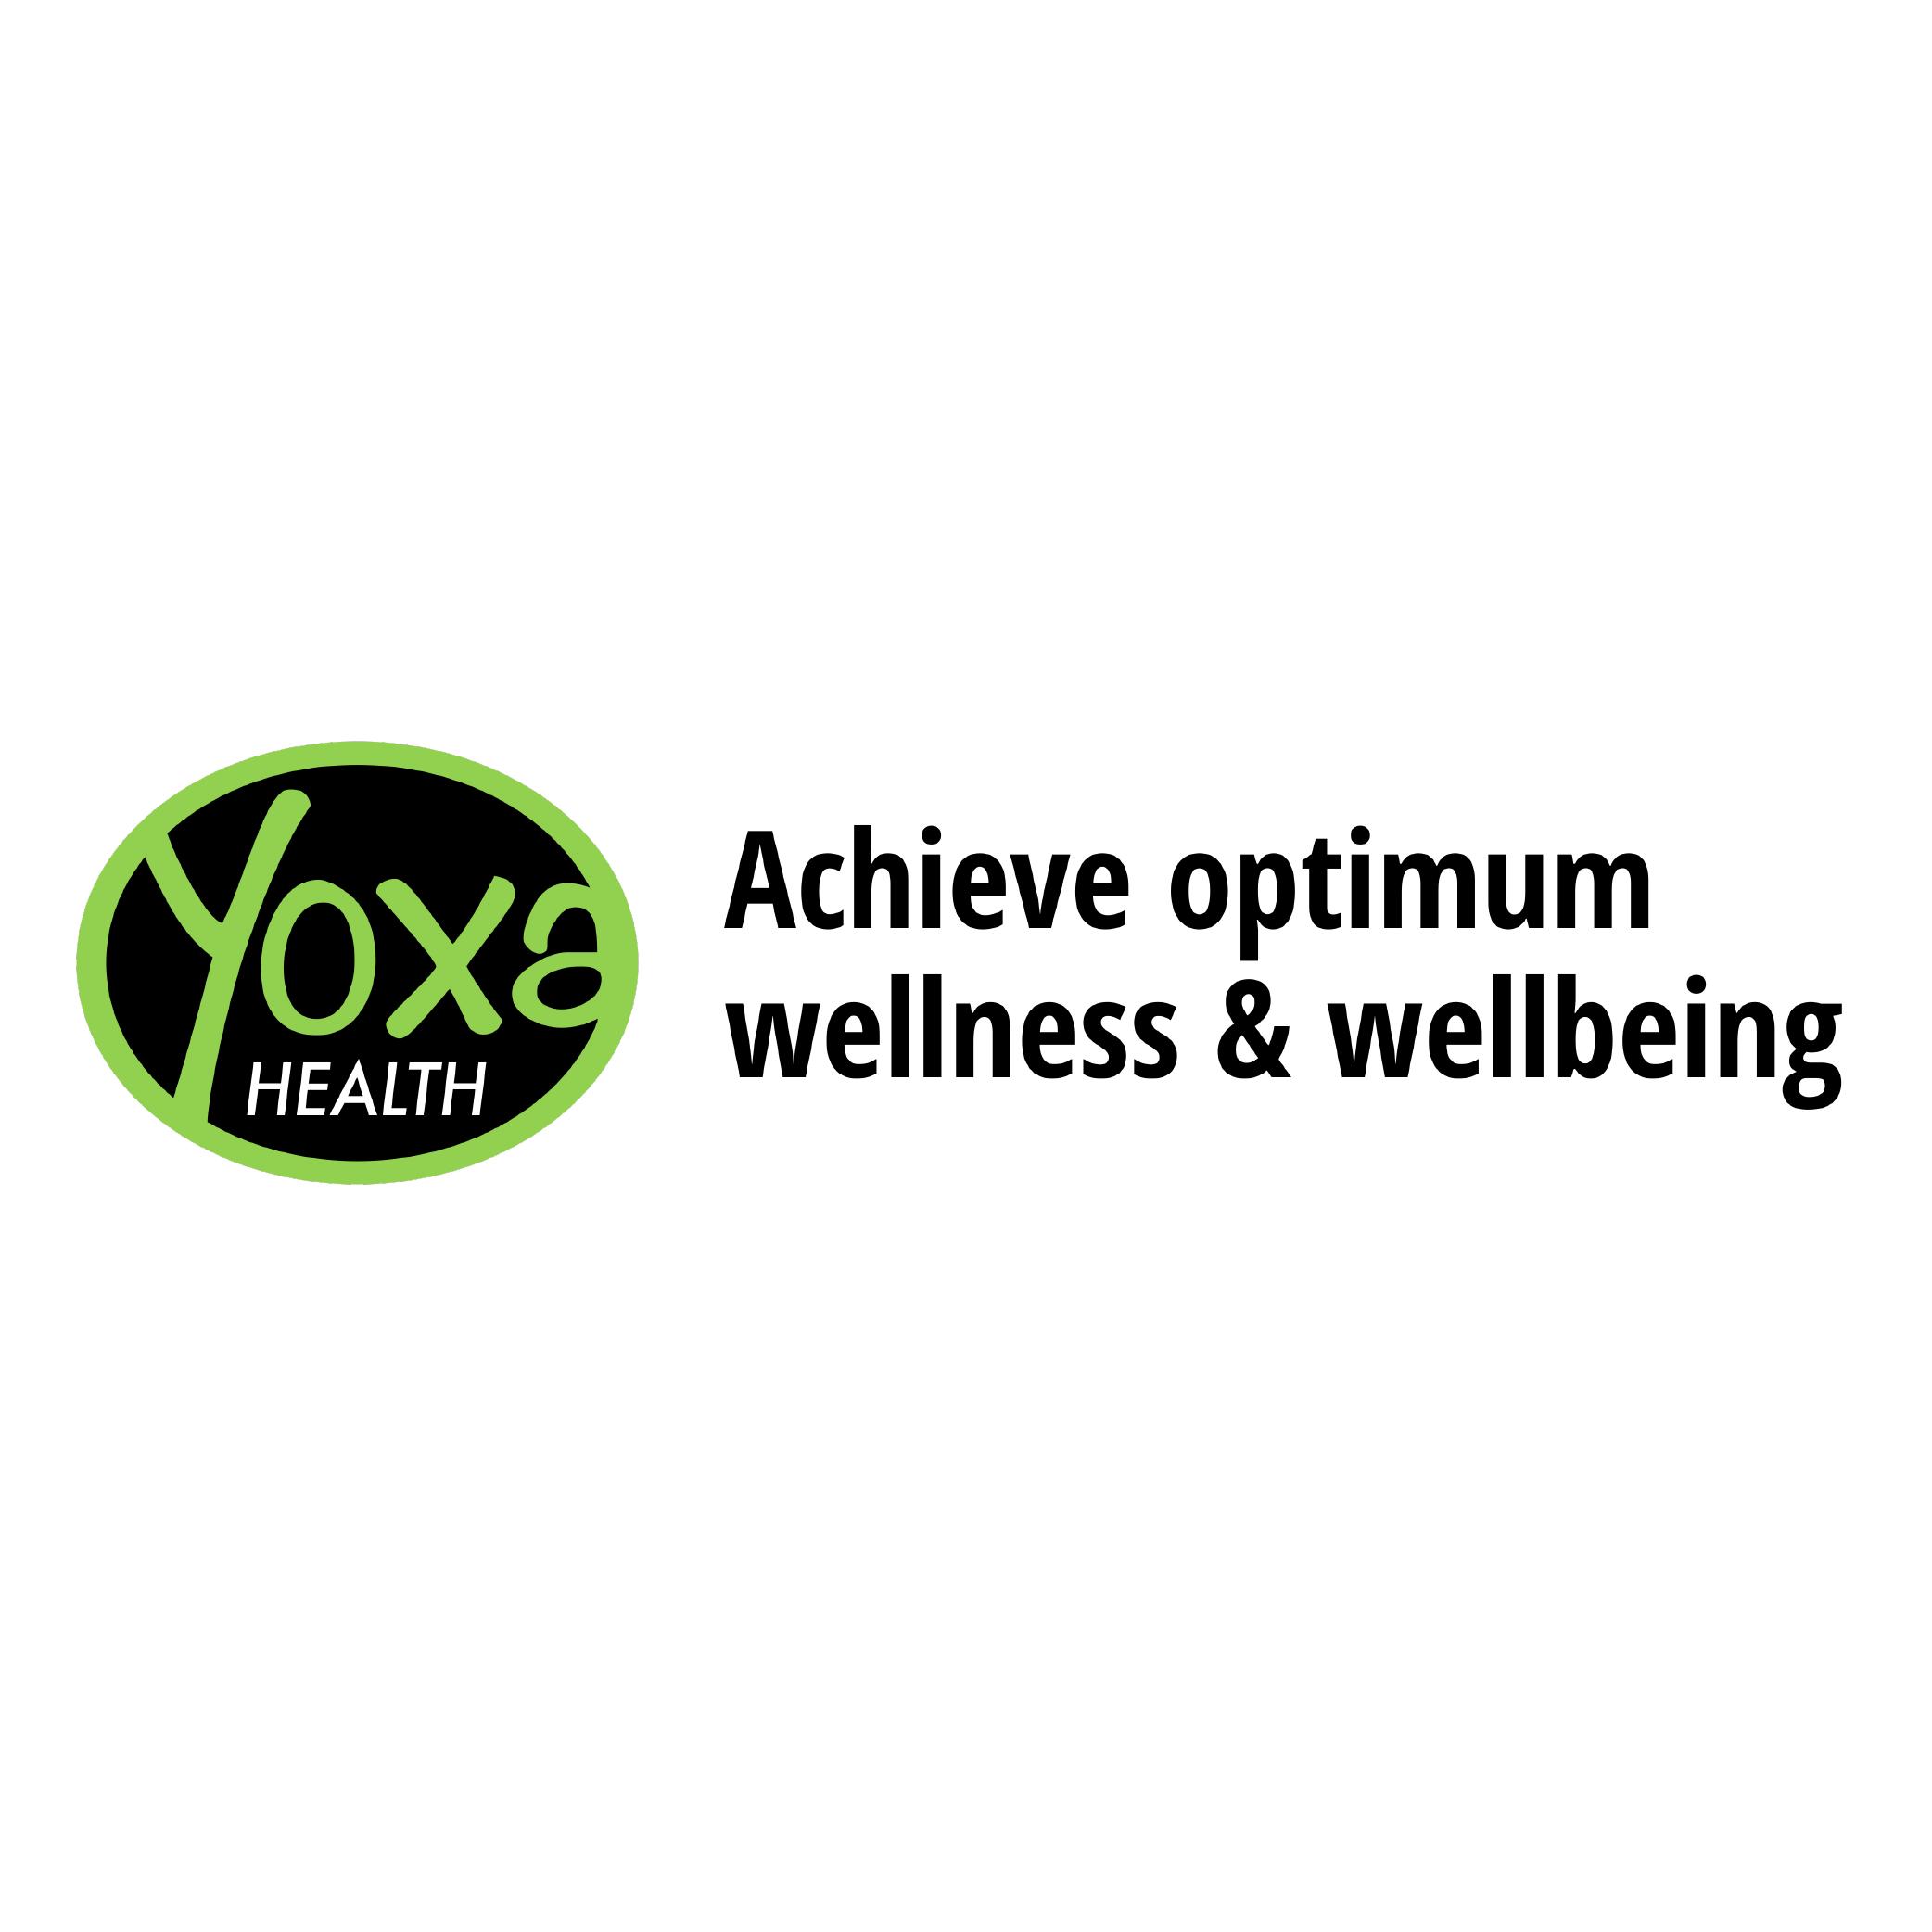 Yoxa Health